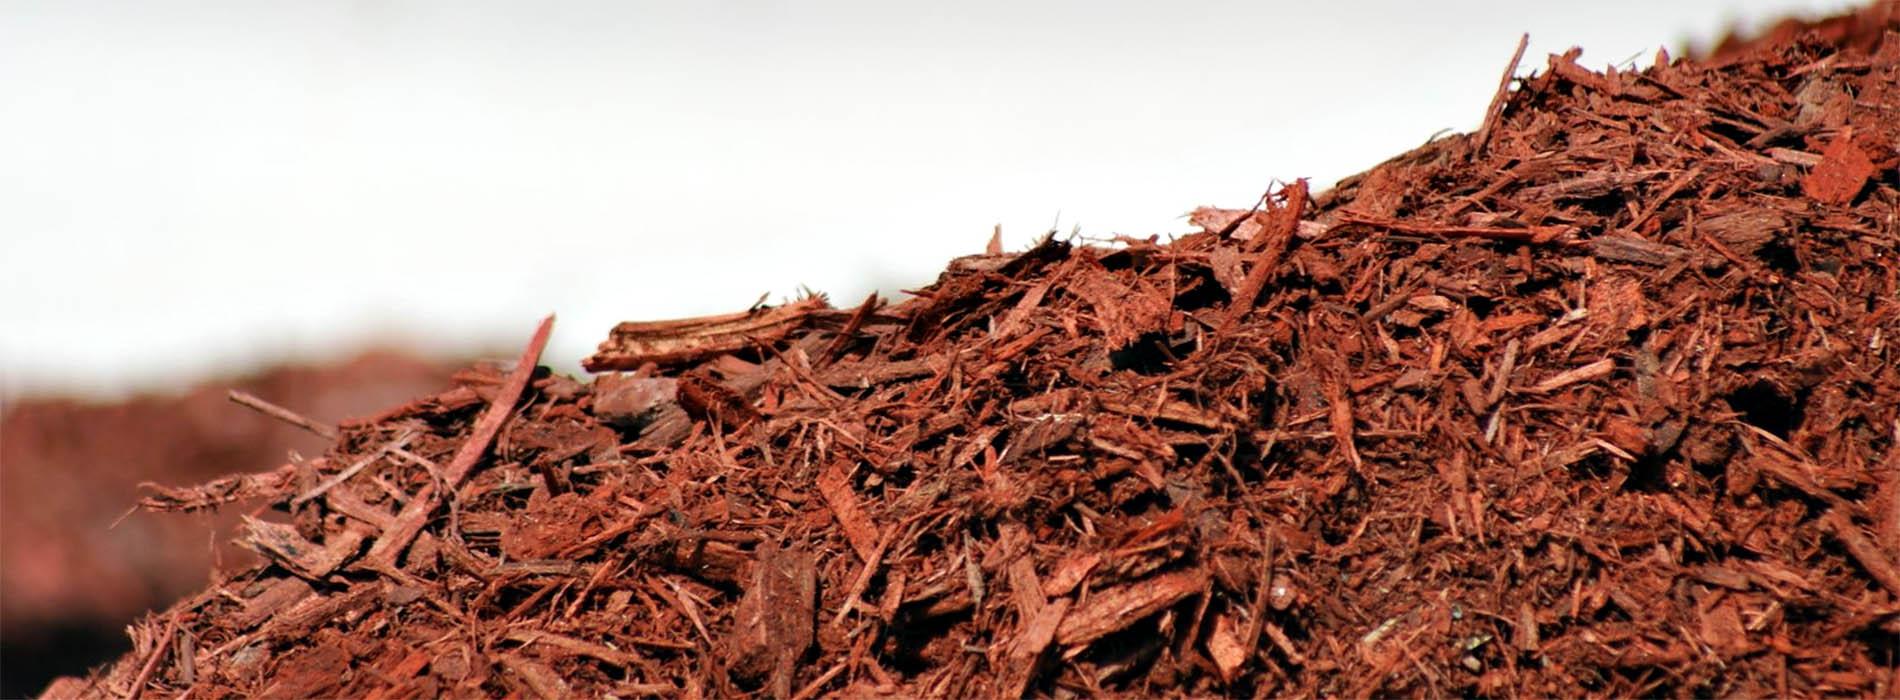 Cleveland Organic Mulch Supplier